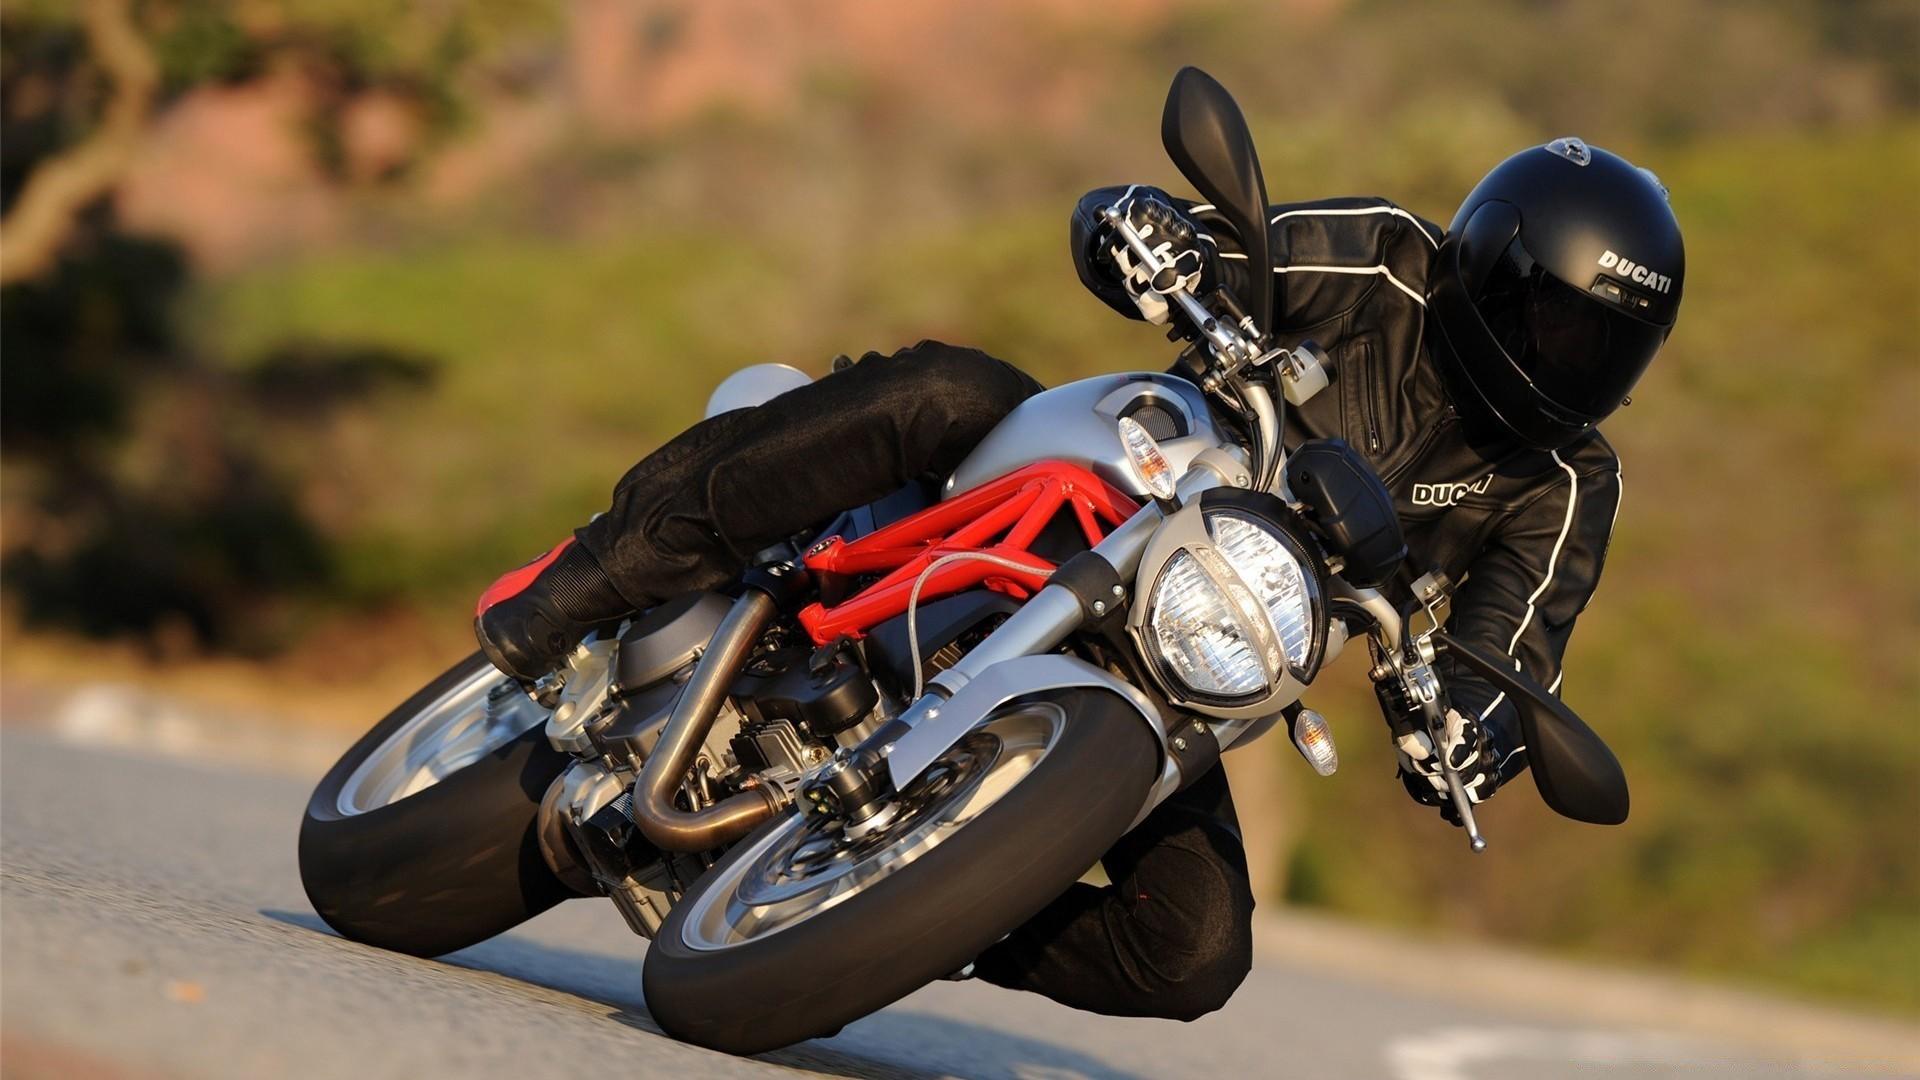 мотоцикл Ducati дорога загрузить